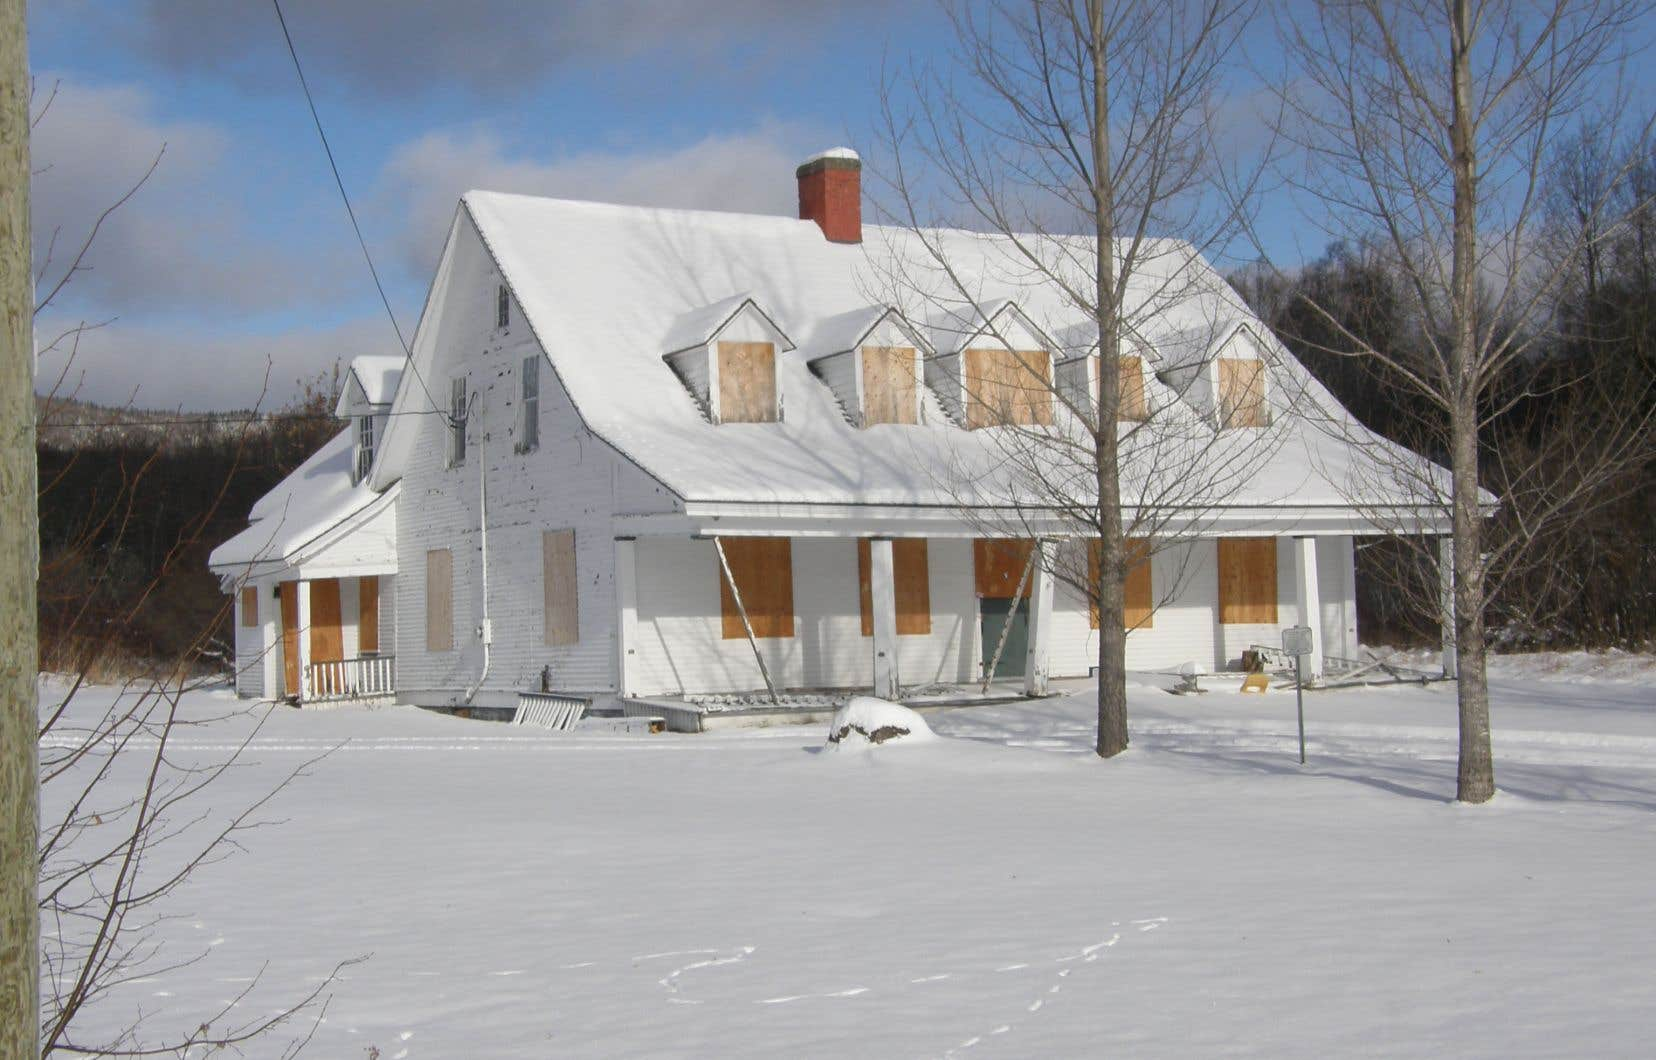 Classée en 1987 par Québec, la maison Busteed a été vandalisée à plusieurs reprises depuis qu'elle a été cédée à la communauté micmaque de Listuguj.